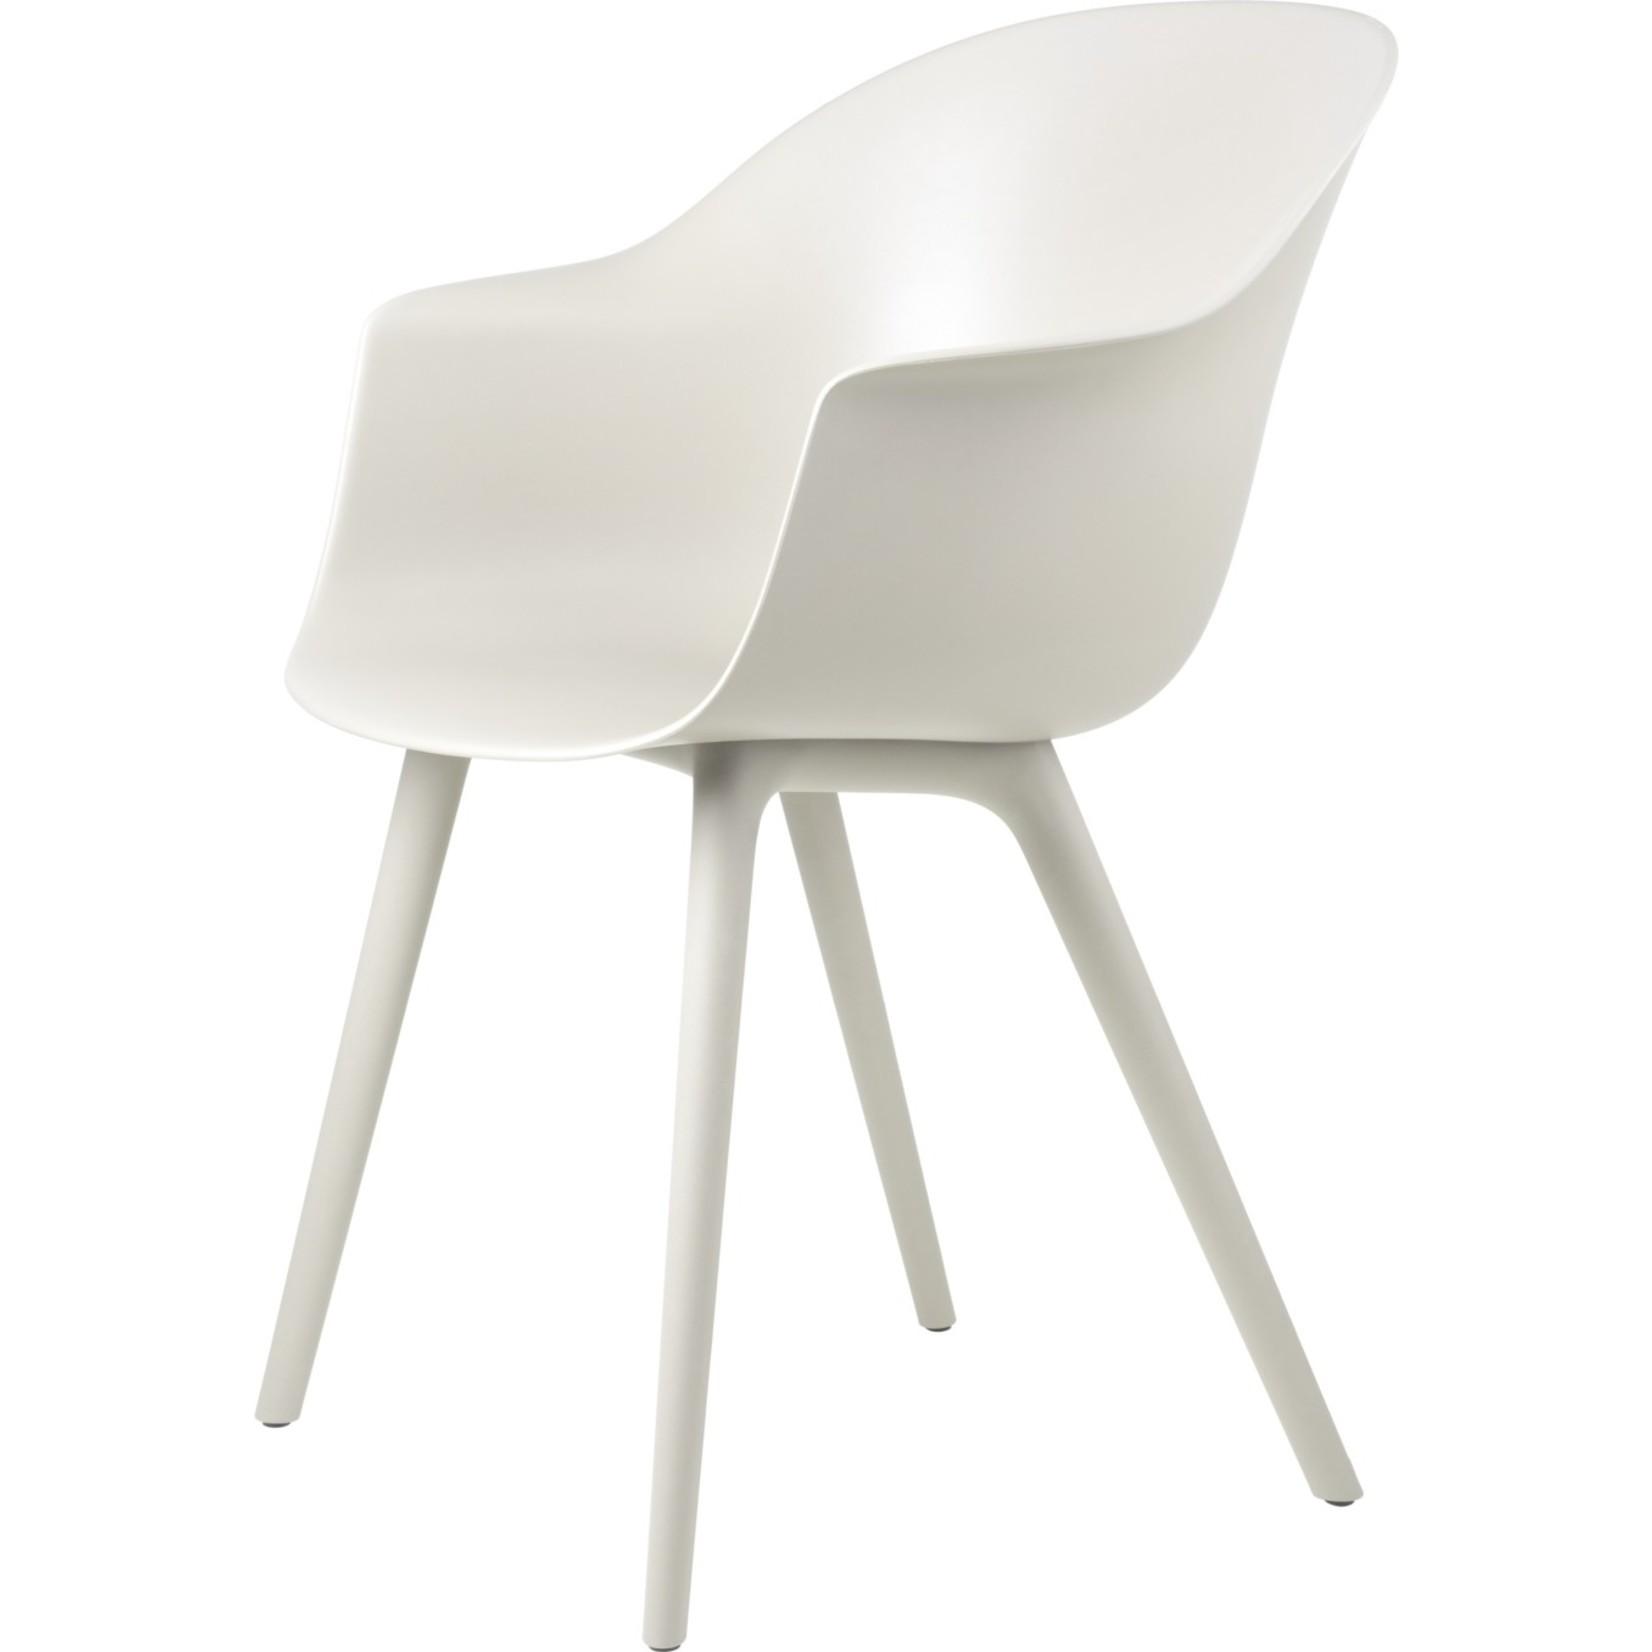 Gubi Bat Dining Chair | Alabaster White